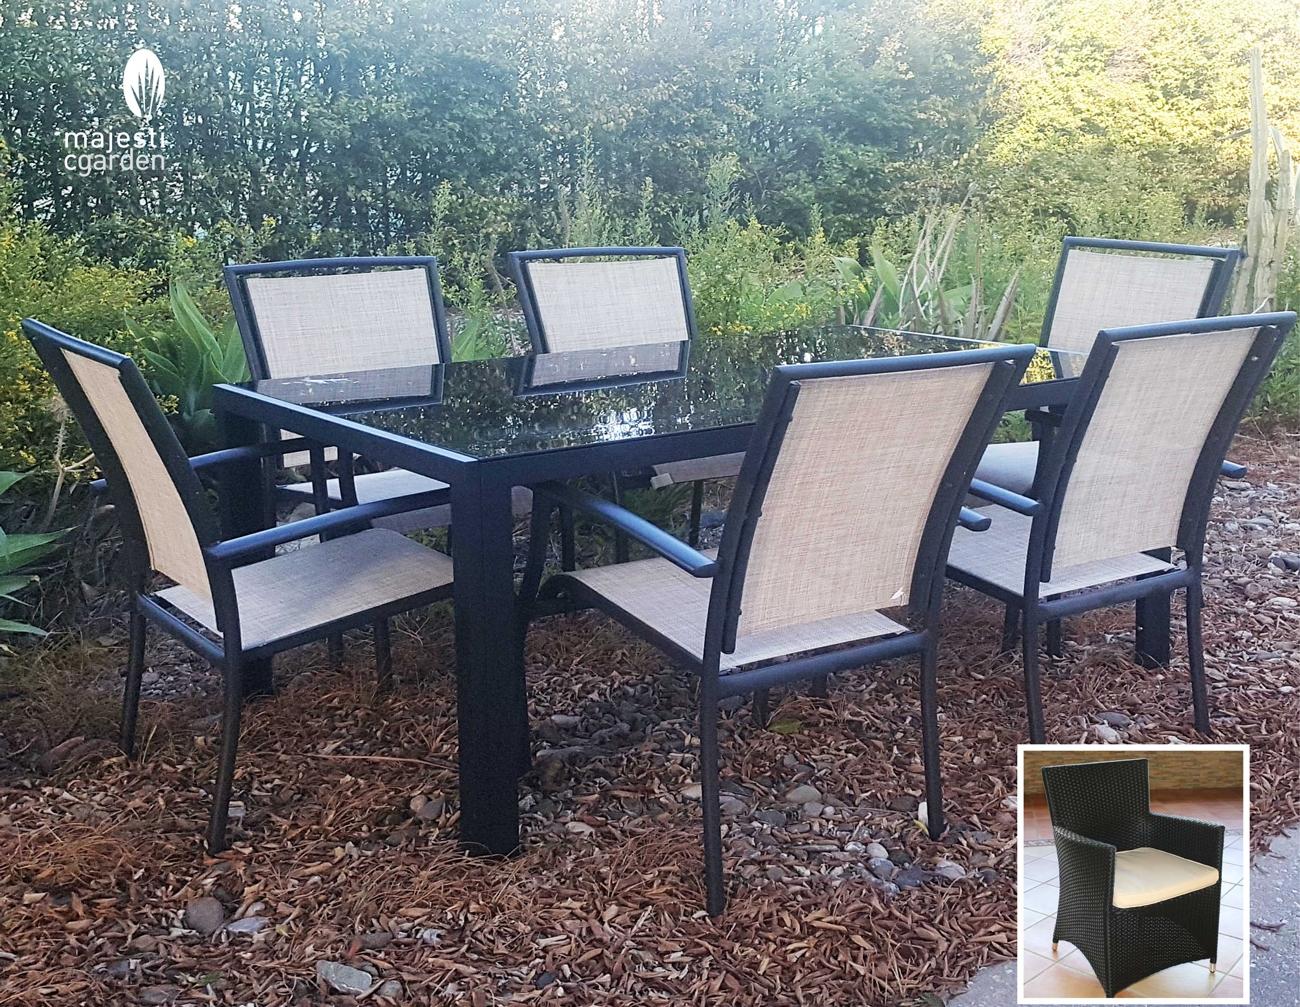 Mesa para exterior o sillones AVILA - Juego de mesa y sillas para exterior modelo ÁVILA de Majestic Garden